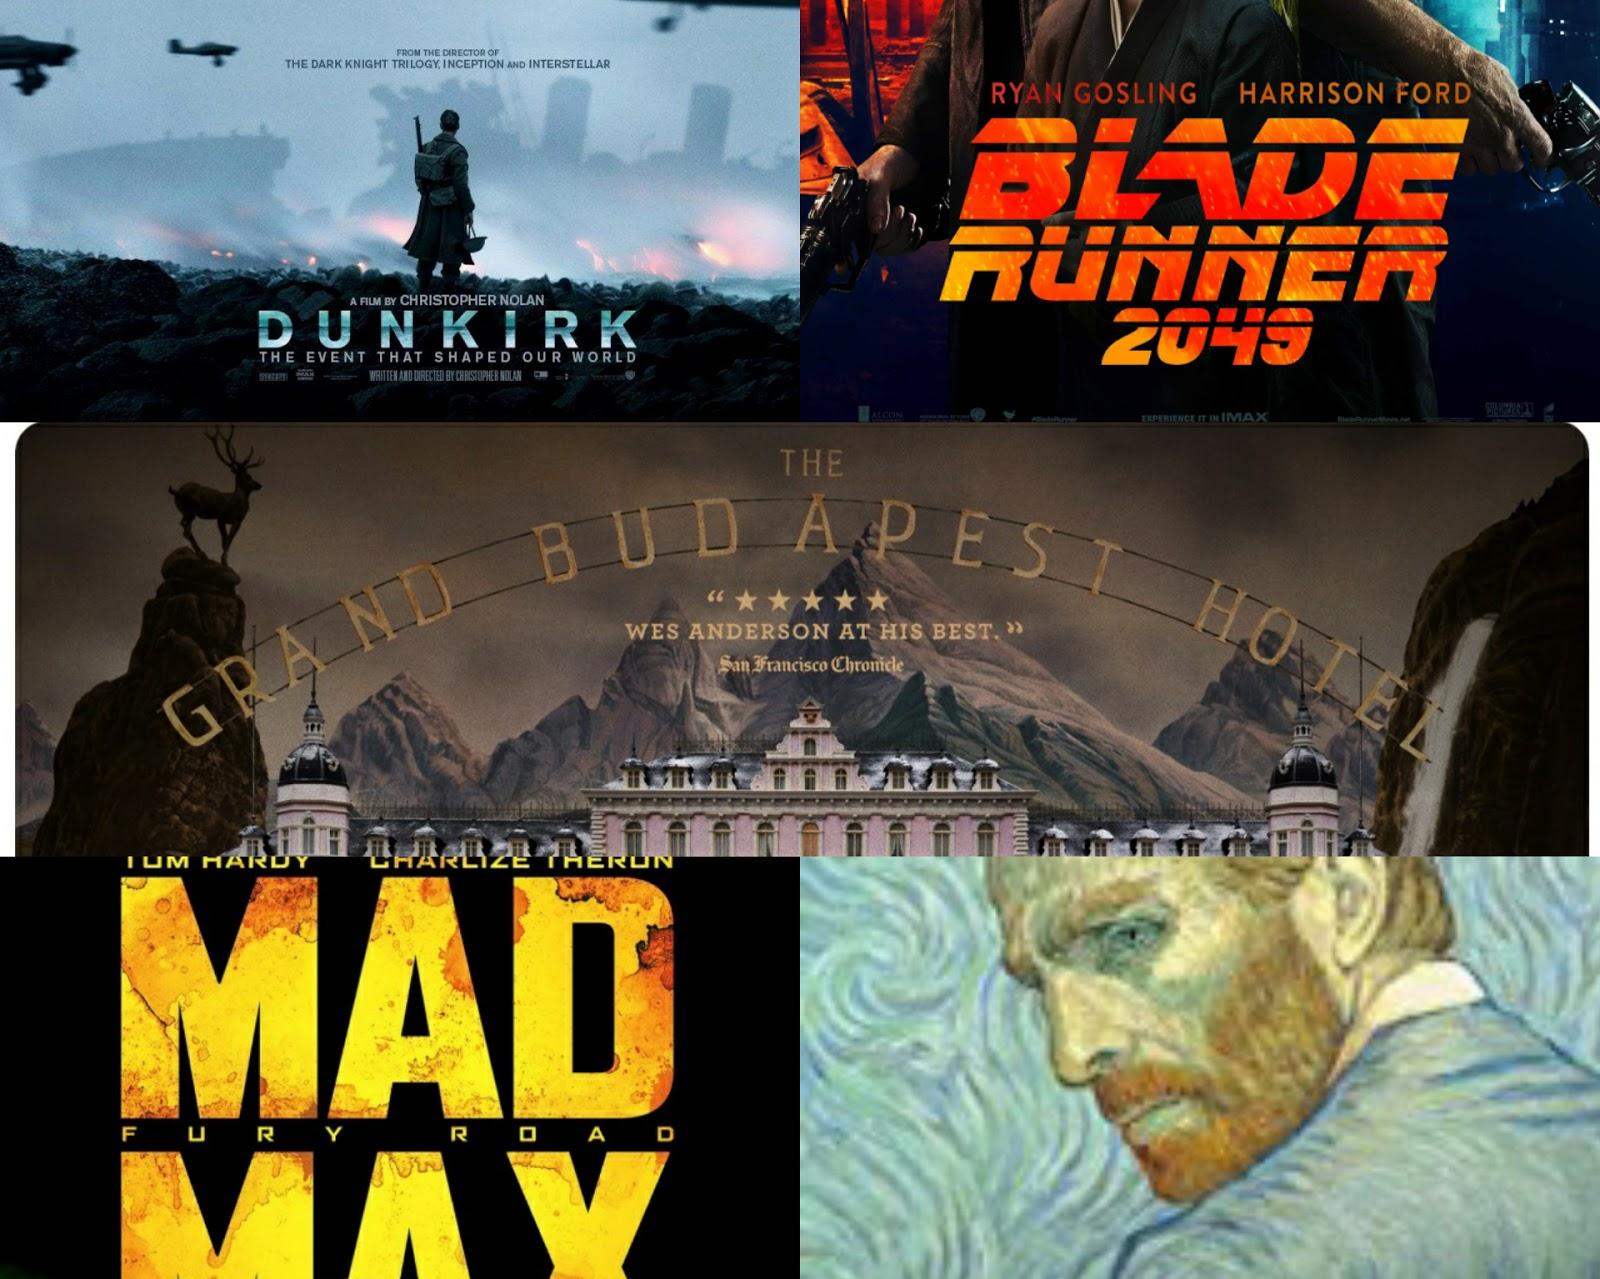 visually nice films